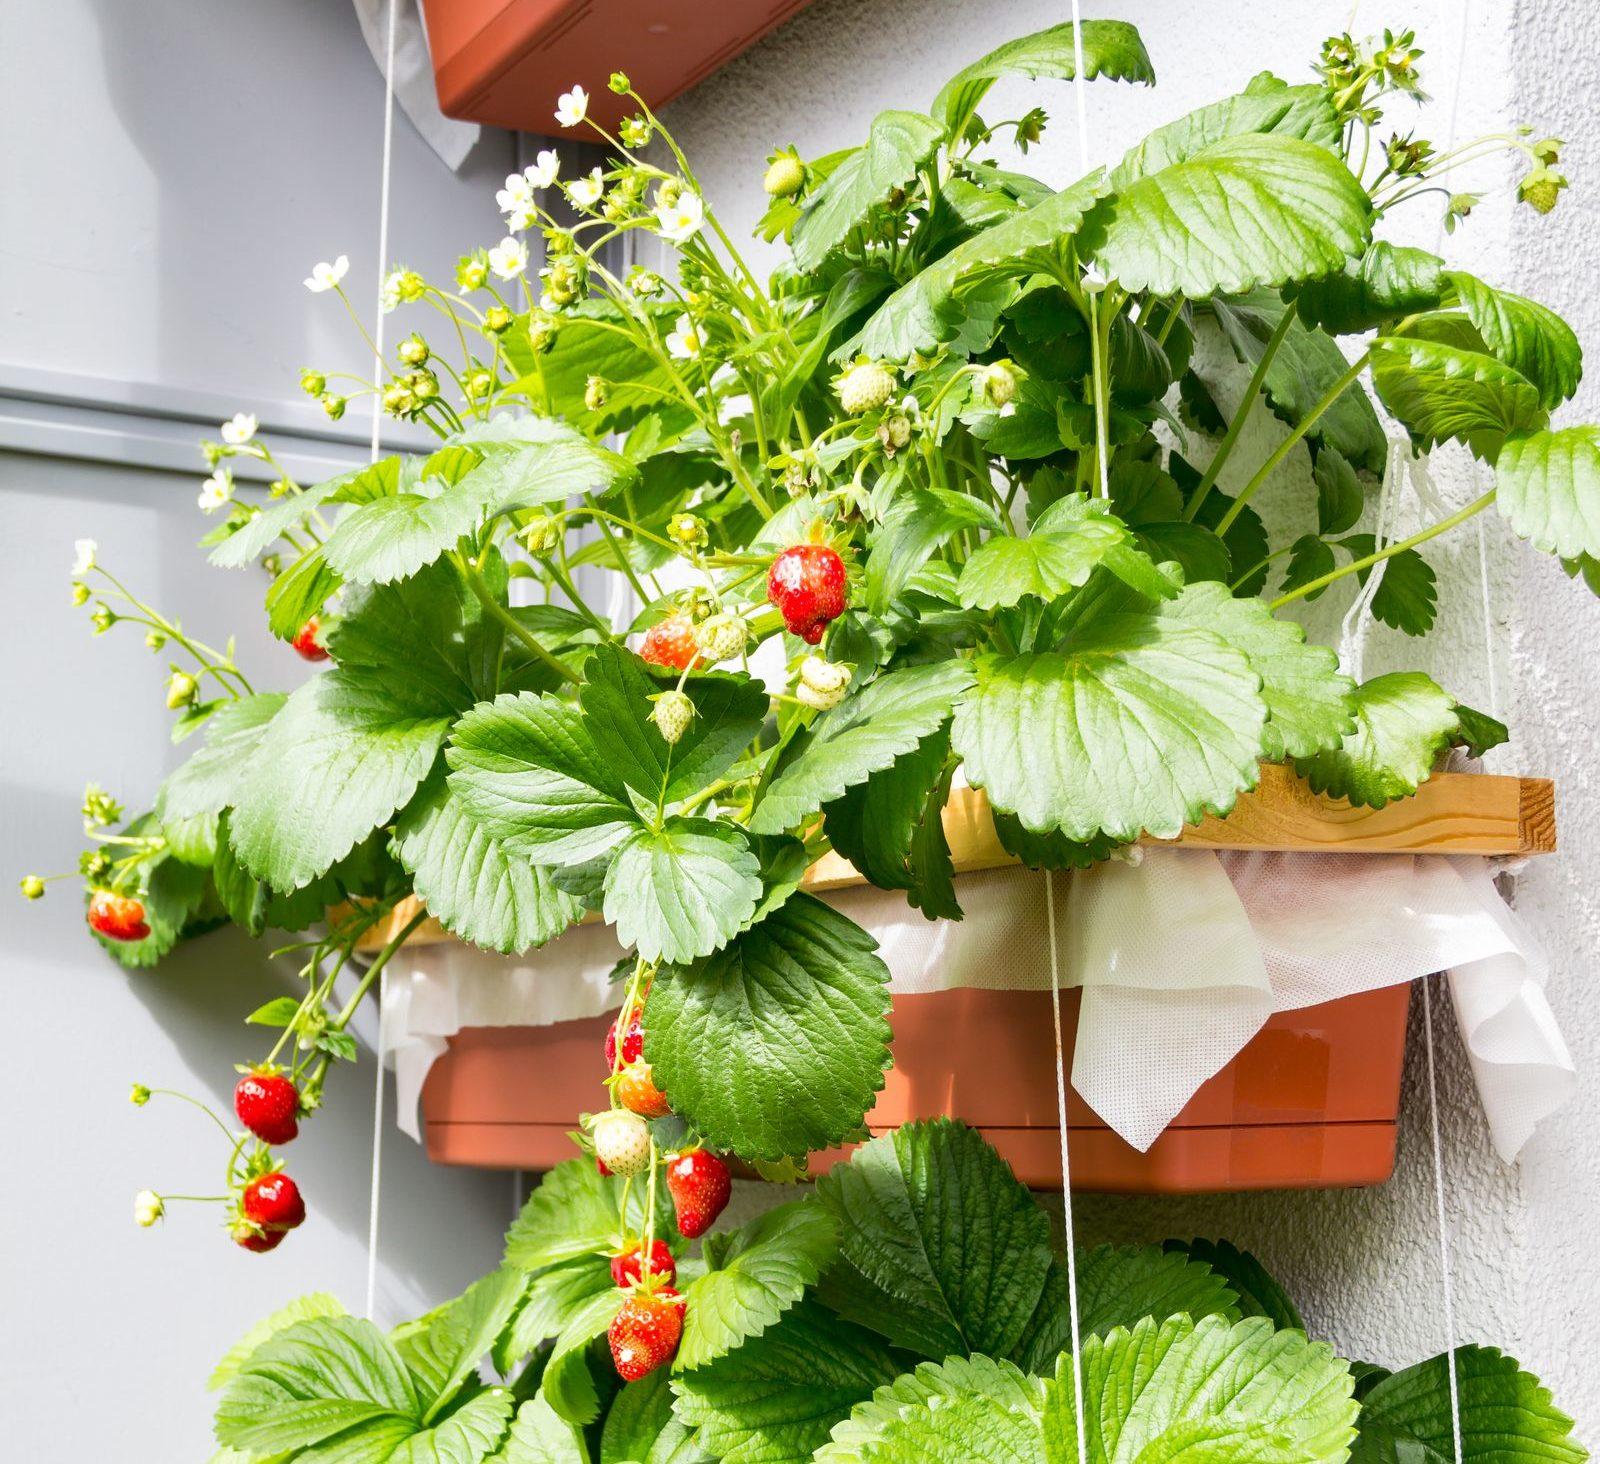 erdbeeren auf dem balkon anleitung f r das pflanzen in topf paletten plantura. Black Bedroom Furniture Sets. Home Design Ideas